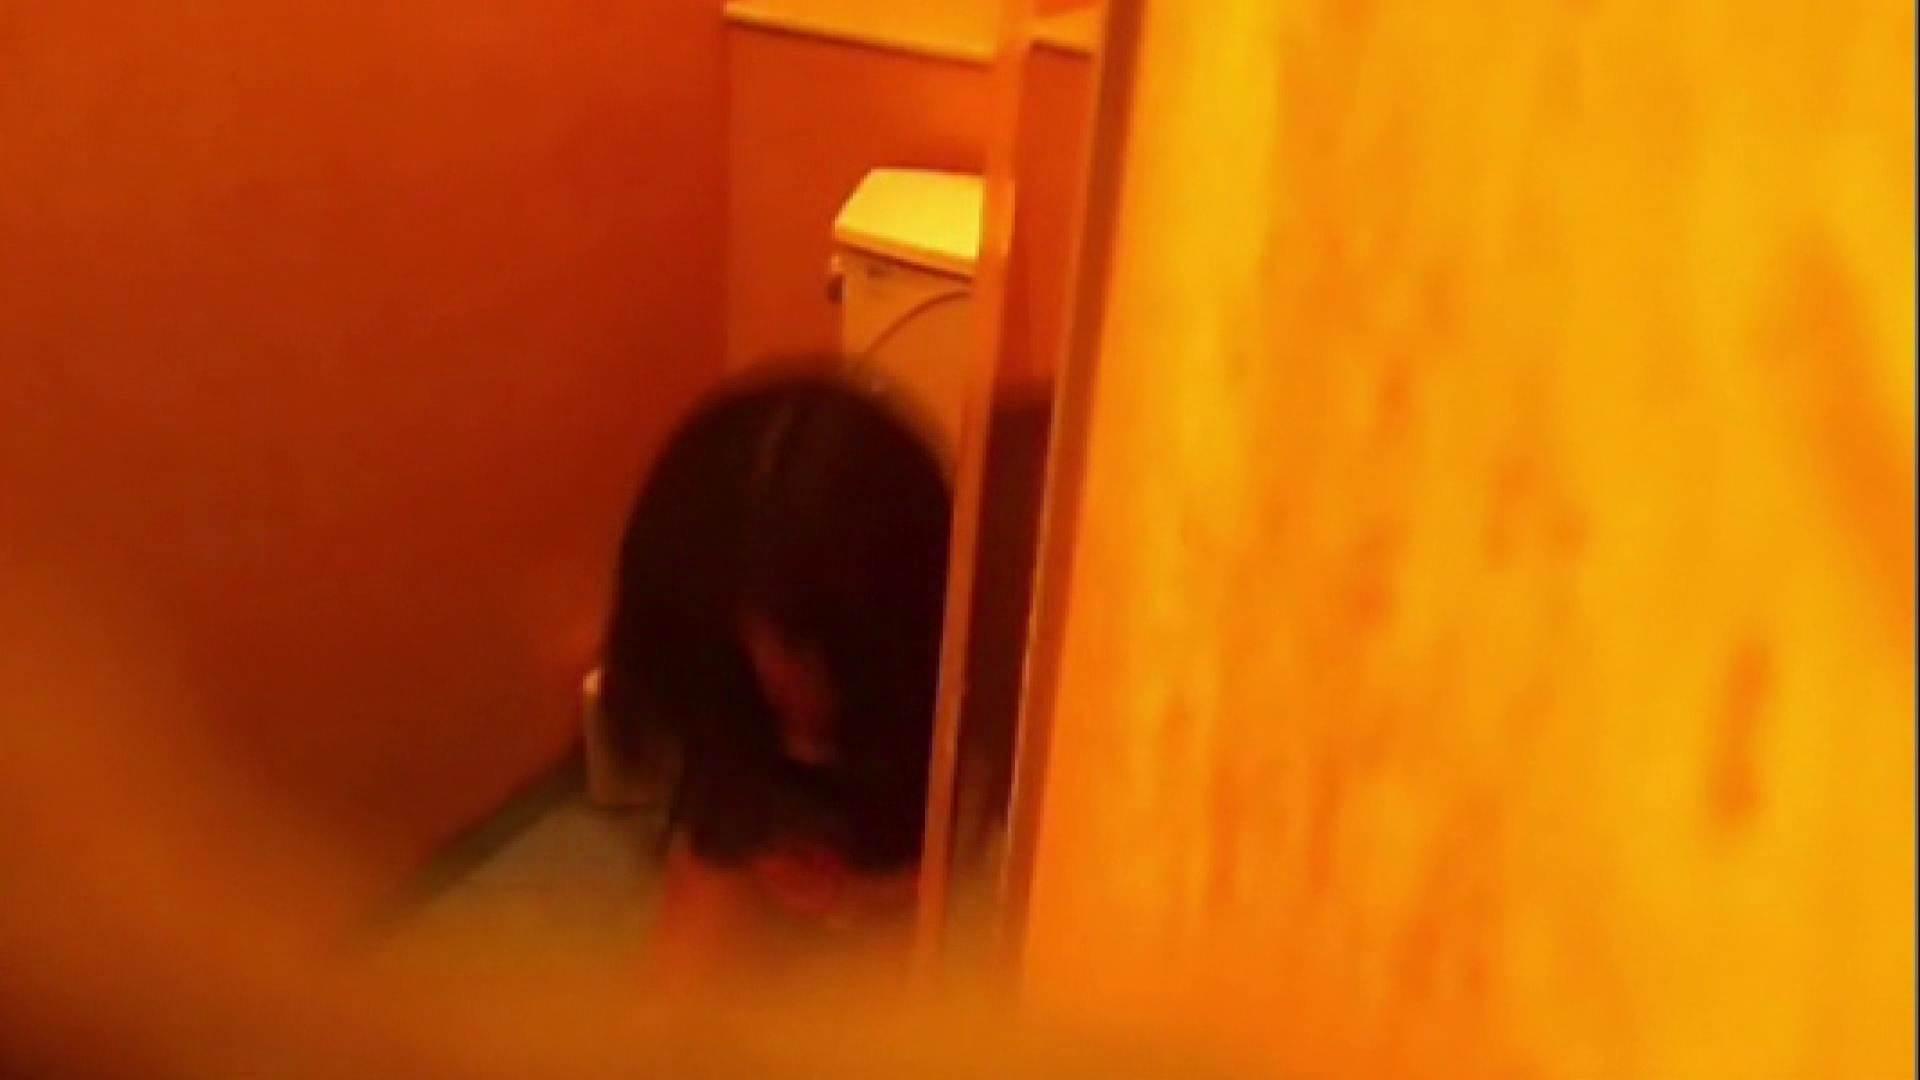 品川からお届け致します!GALS厠覗き! Vol.09 厠 盗撮オメコ無修正動画無料 64連発 48